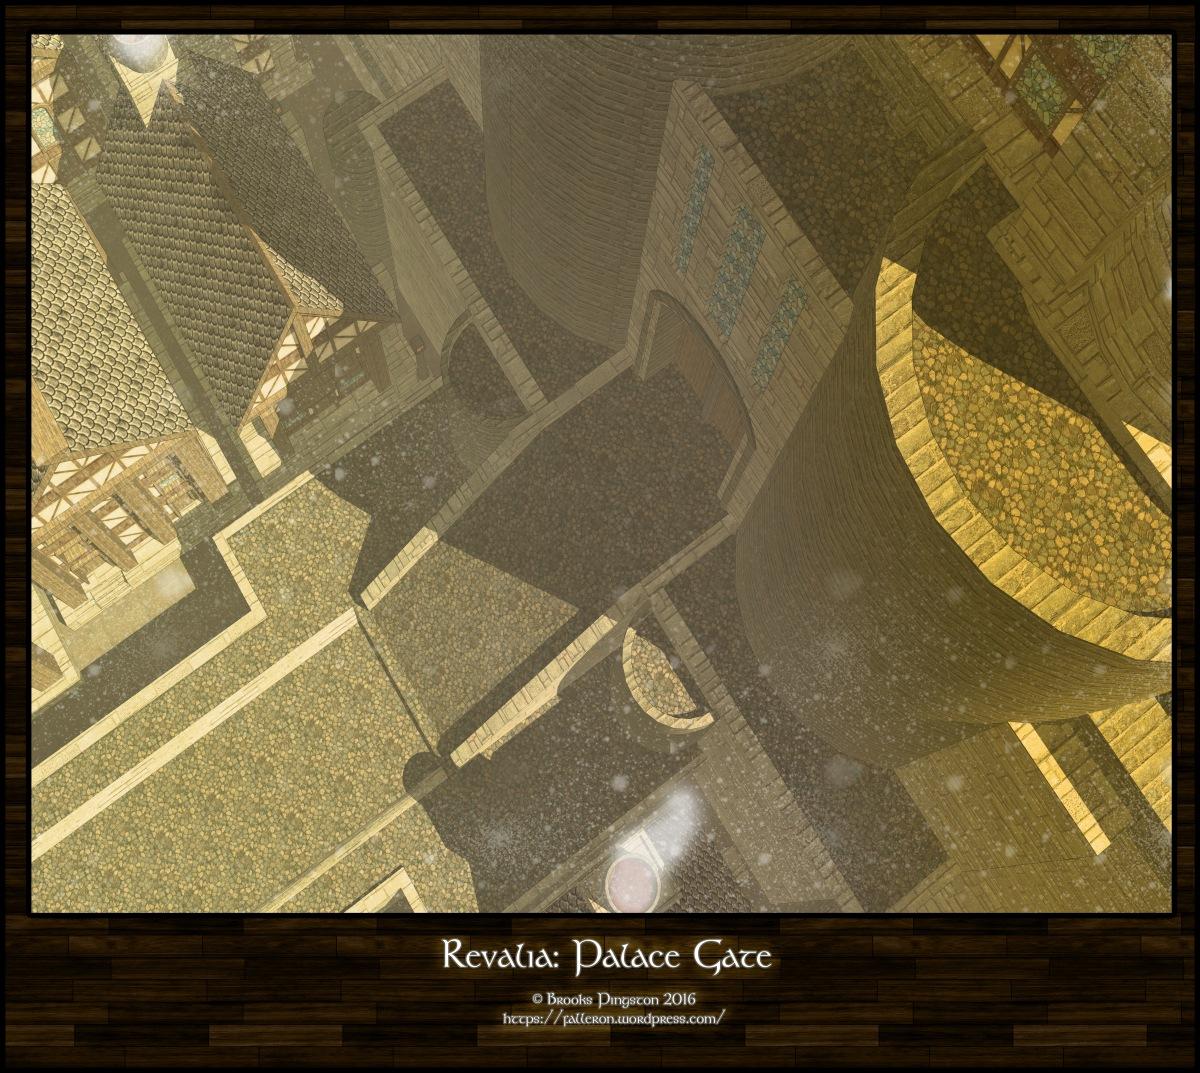 revalia-palace-gate.jpg?w=1200